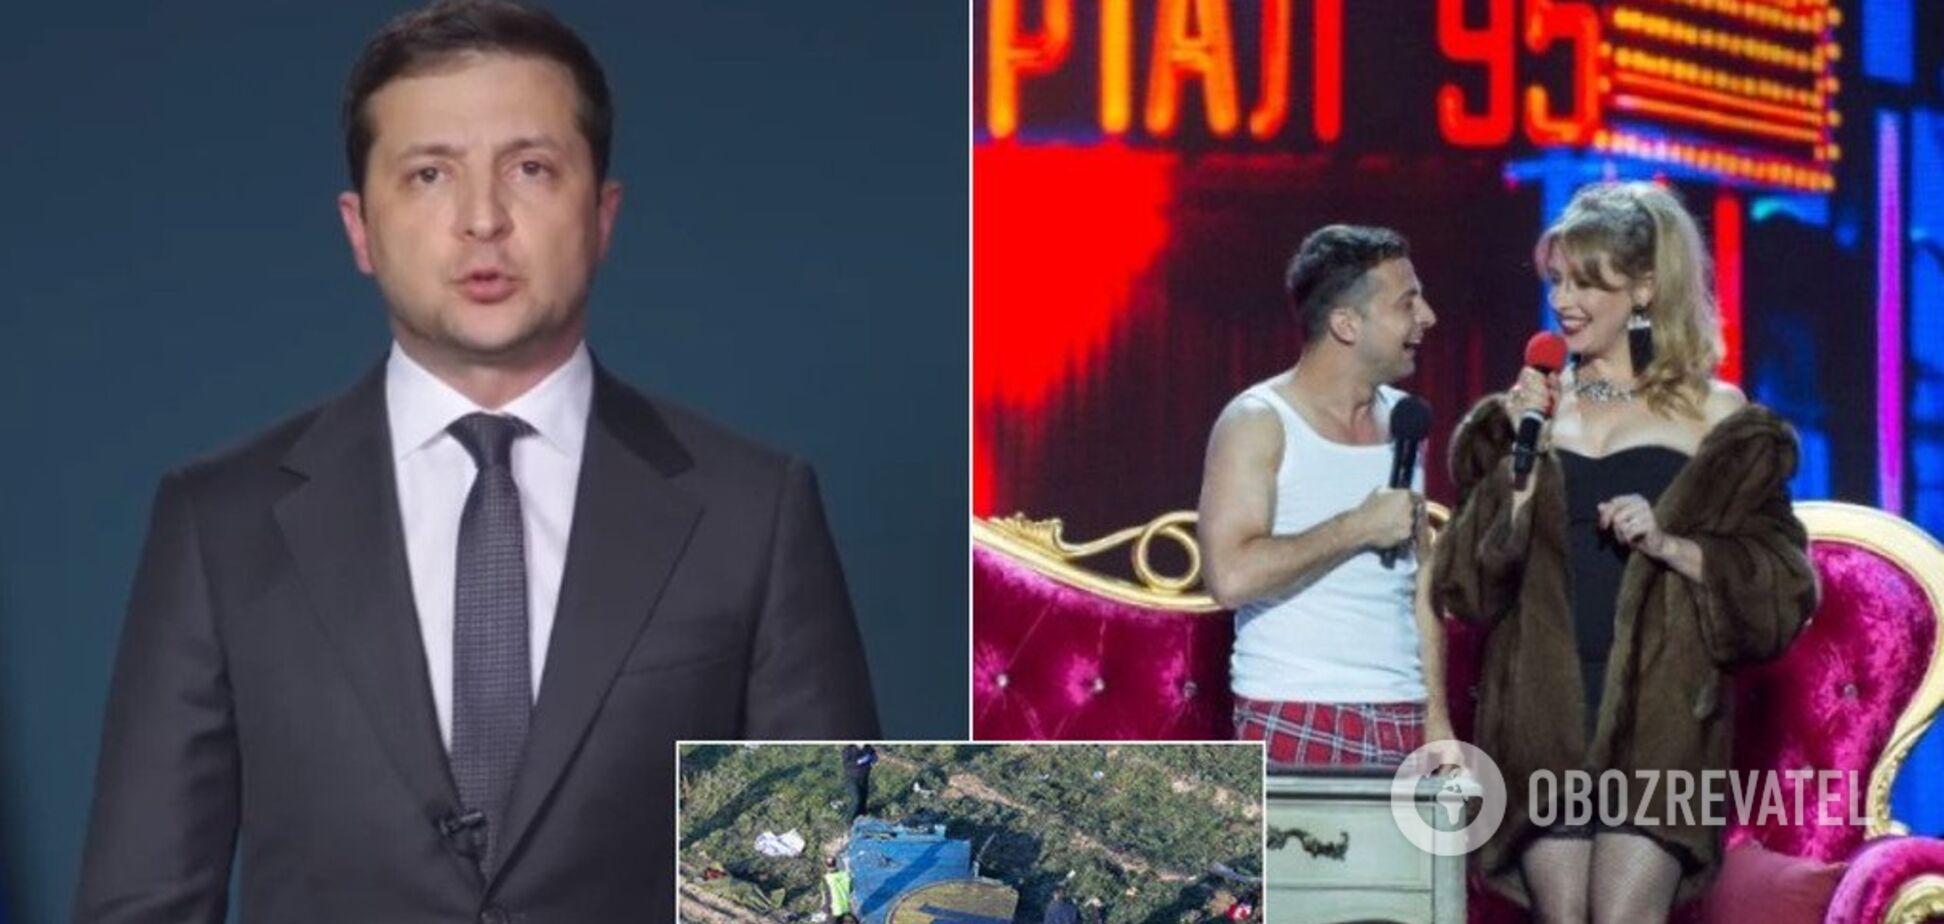 'Фальшива ганьба!' Українців розлютив 'Вечірній квартал' одразу після звернення Зеленського